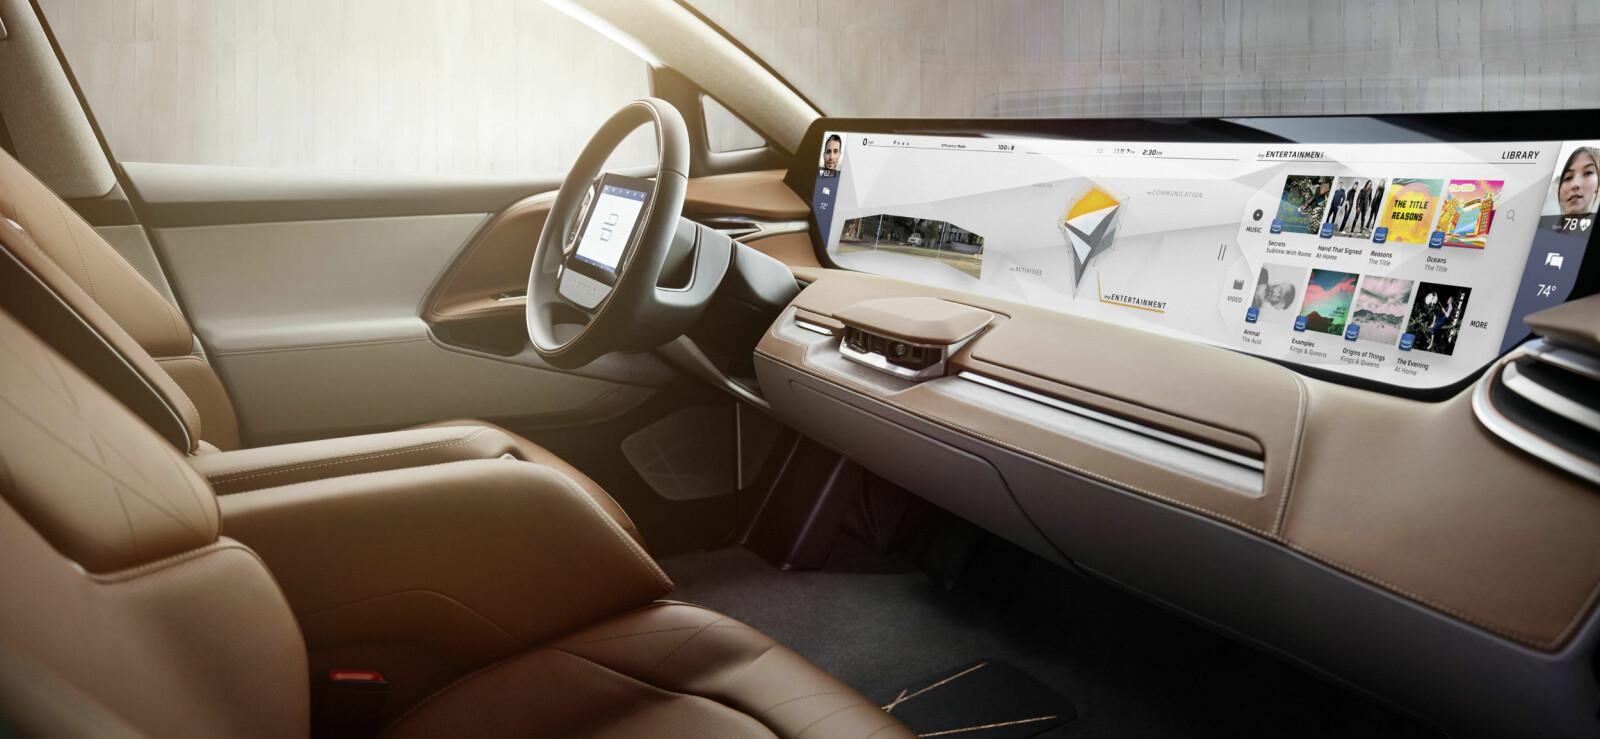 <b>BYTON M-BYTE: </b>Byton er et helt nytt bilmerke, som går helt nye veier – og som virkelig utfordrer den etablerte bransjen.